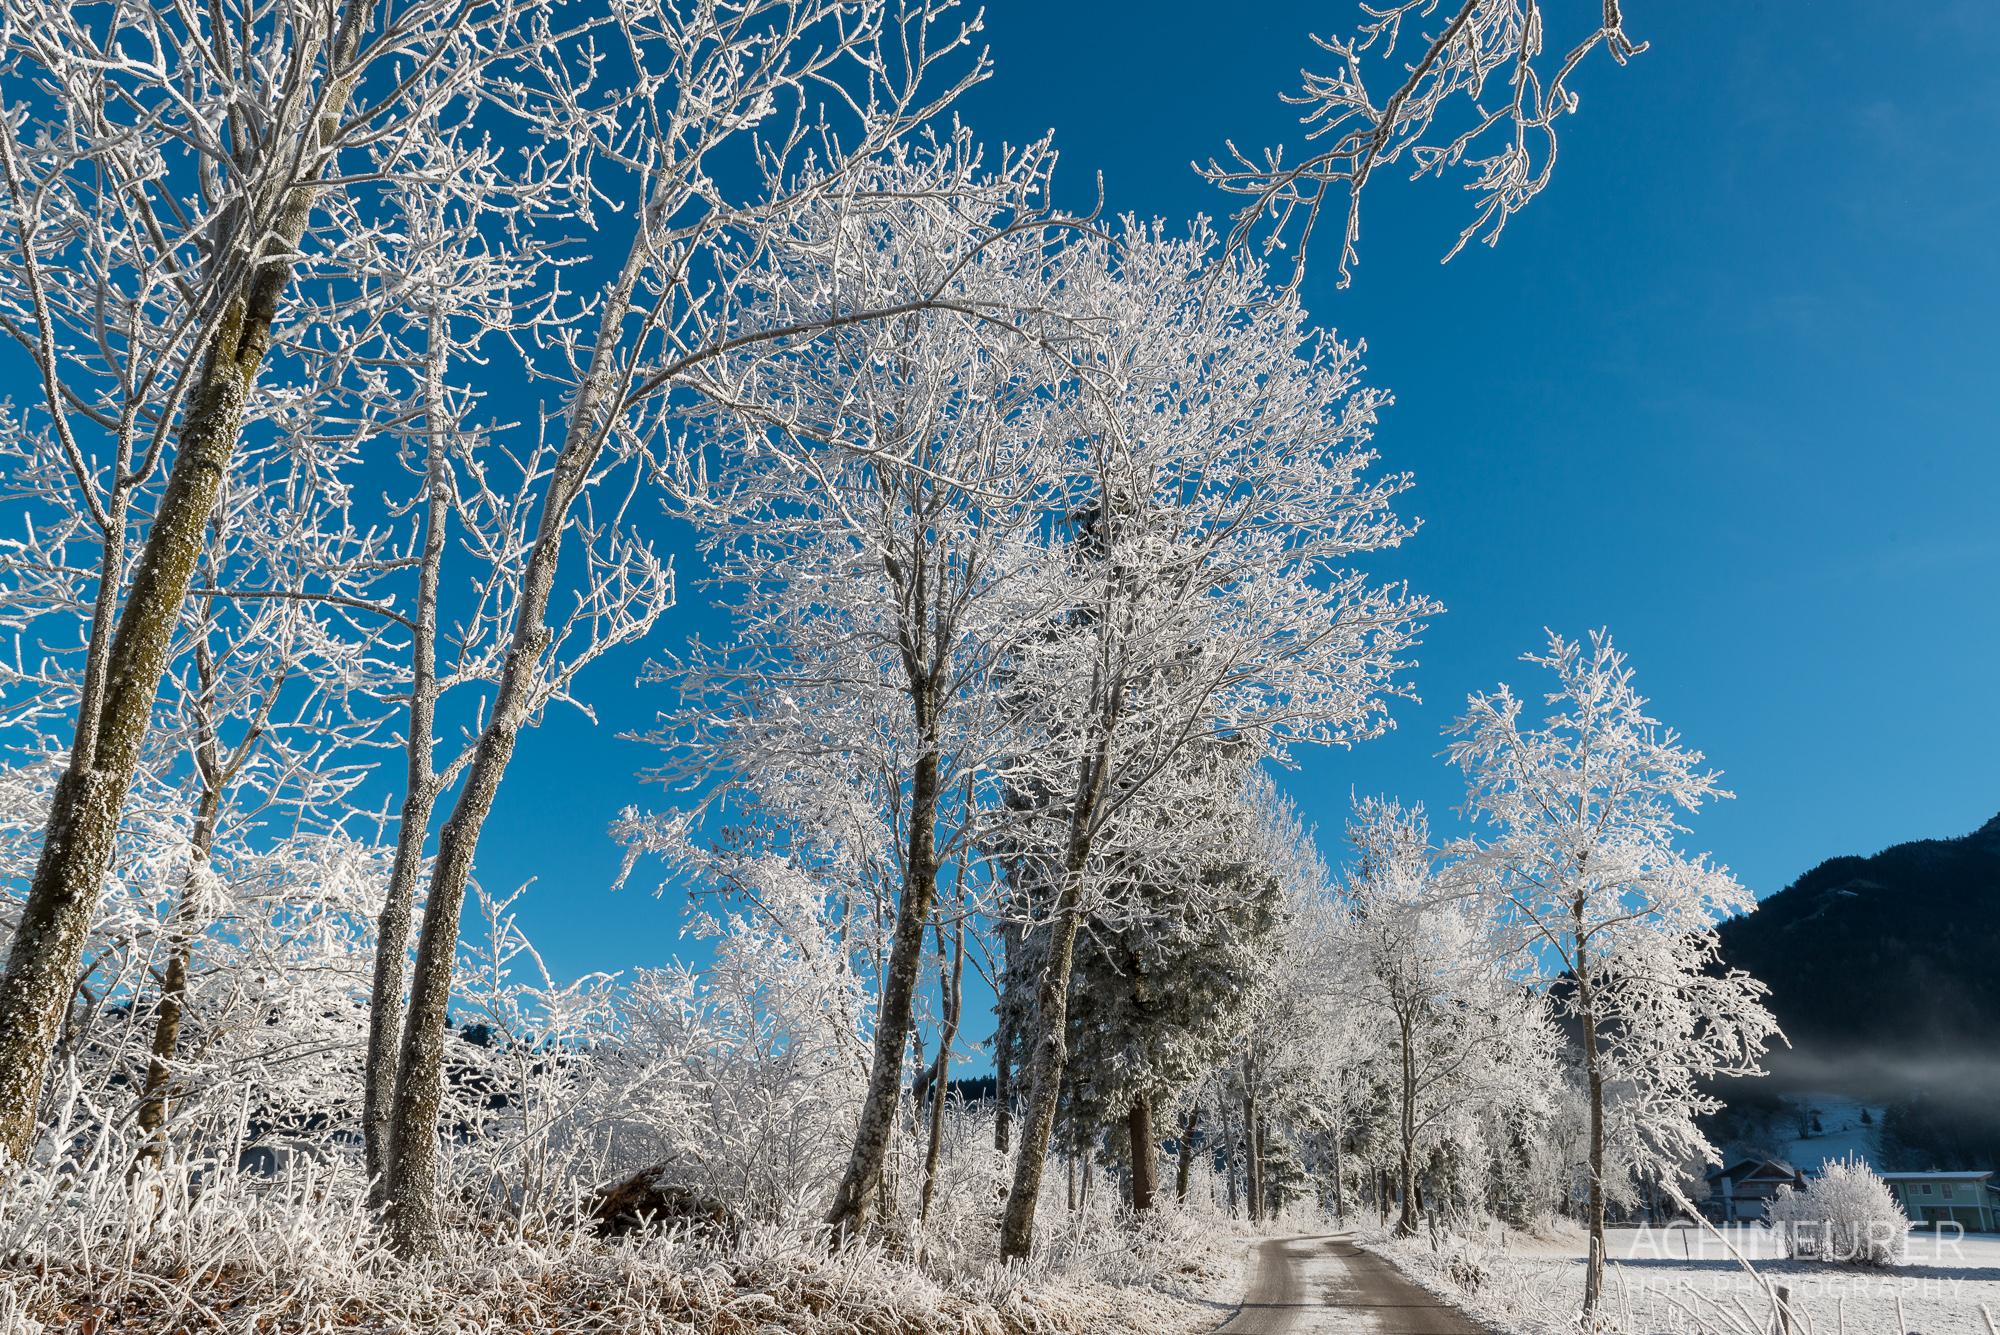 Die-schoensten-Winterfotos-Winterlandschaft-37 by Achim Meurer.